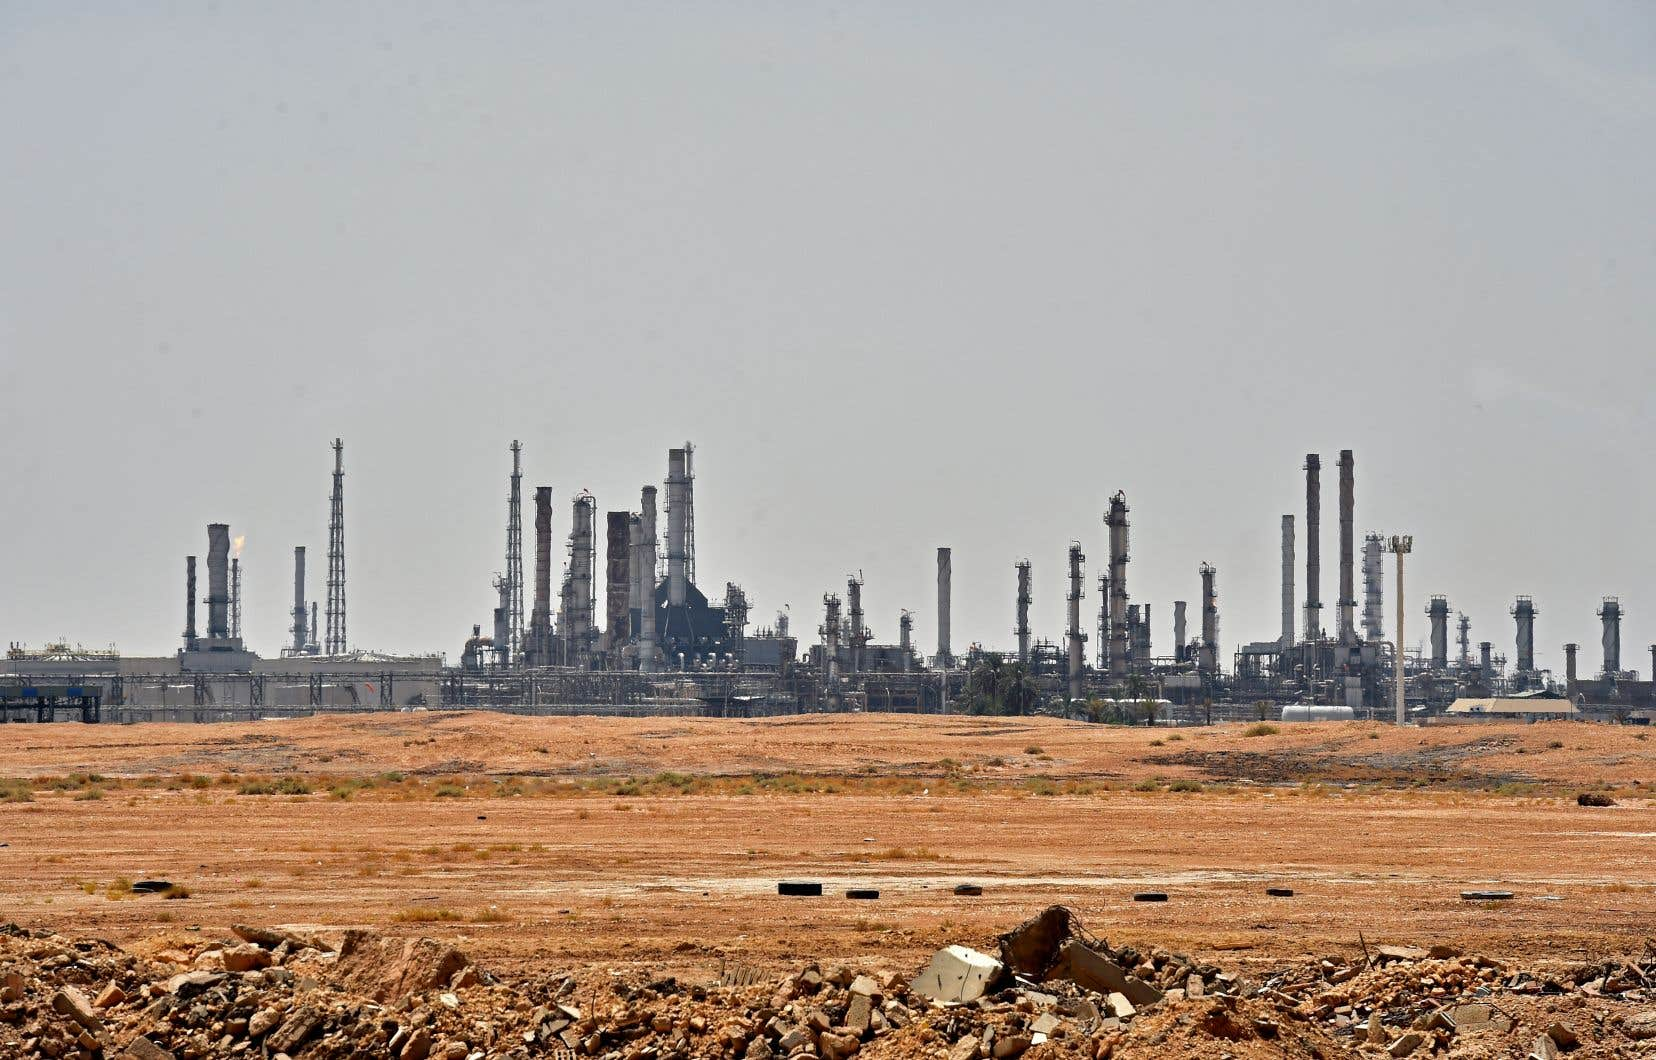 Les rebelles yéménites Houthis, soutenus par l'Iran et qui font face depuis cinq ans à une coalition militaire menée par Ryad, ont revendiqué les attaques contre les installations du géant public Aramco.